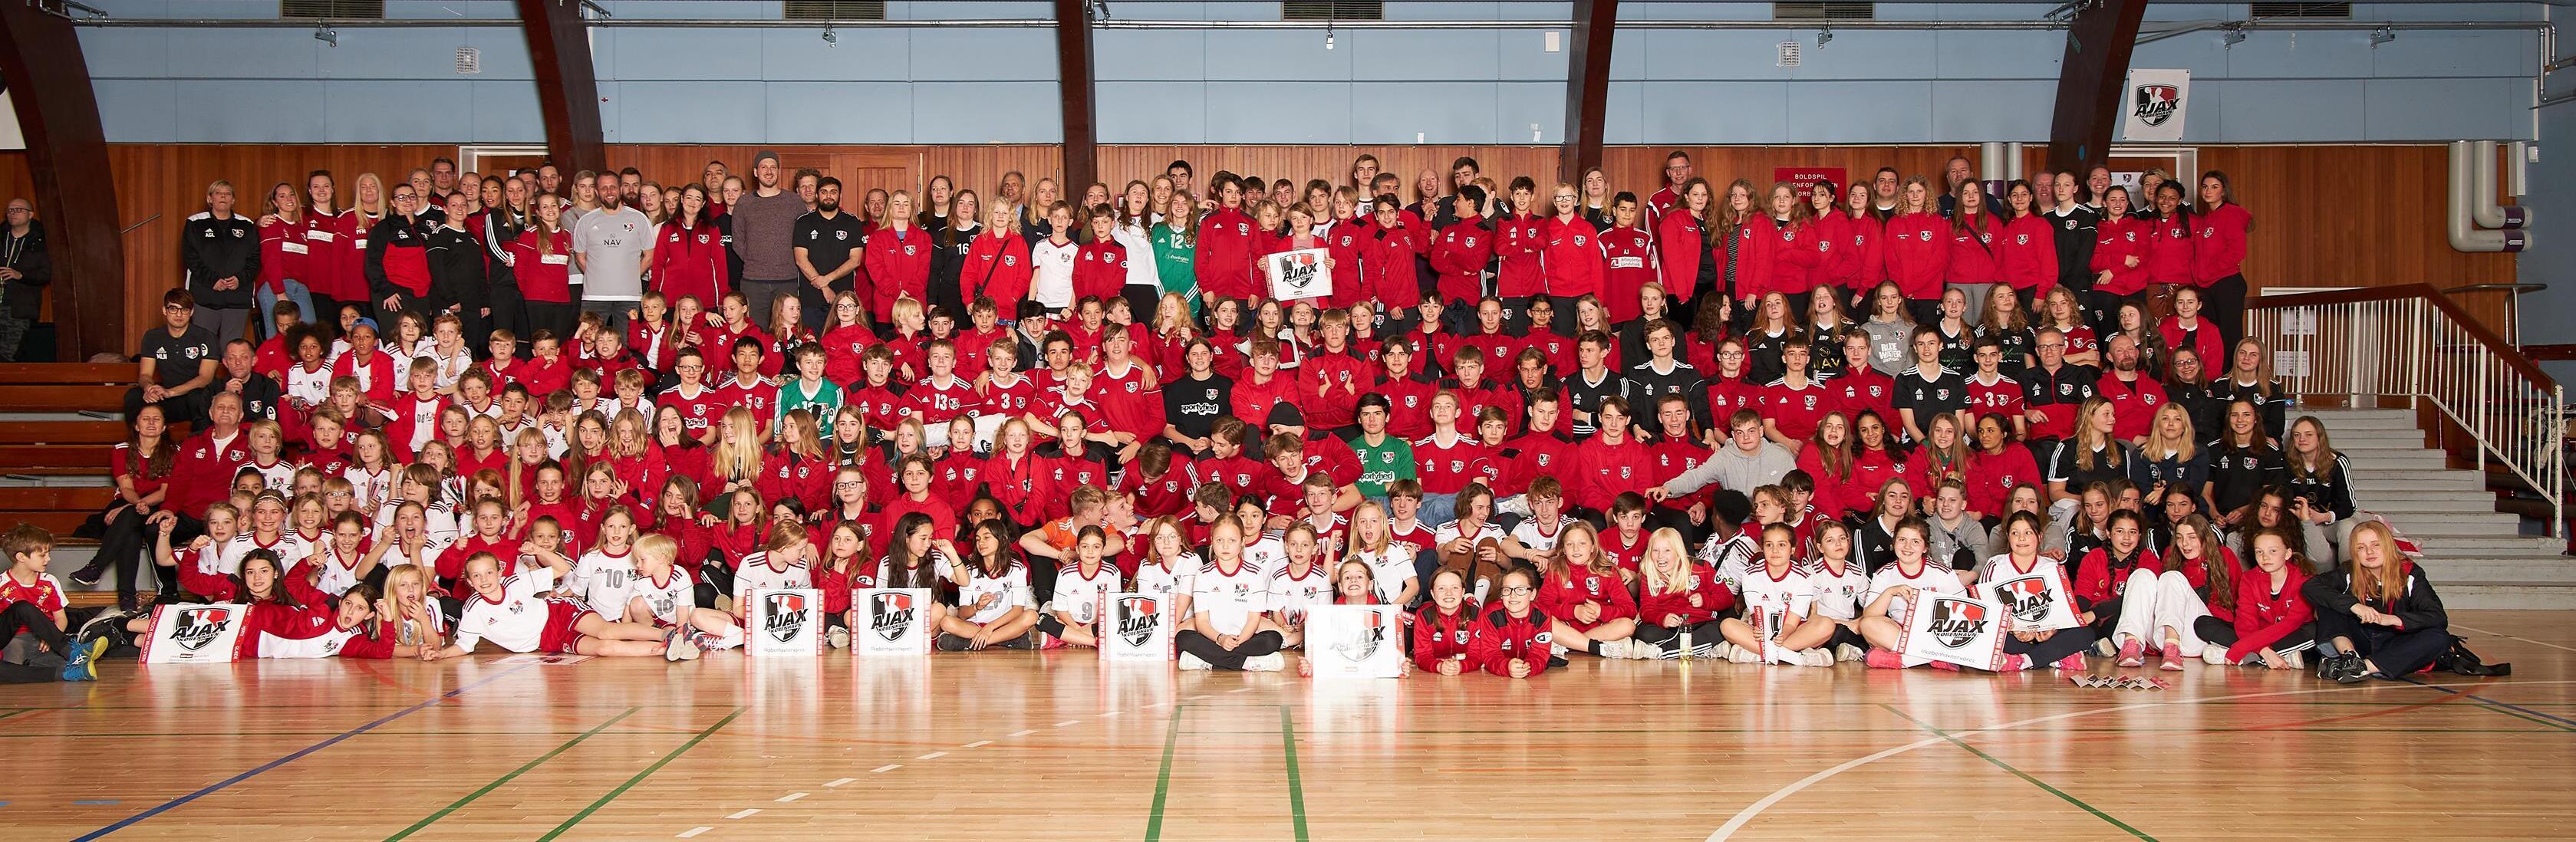 Ajax%20klubfoto